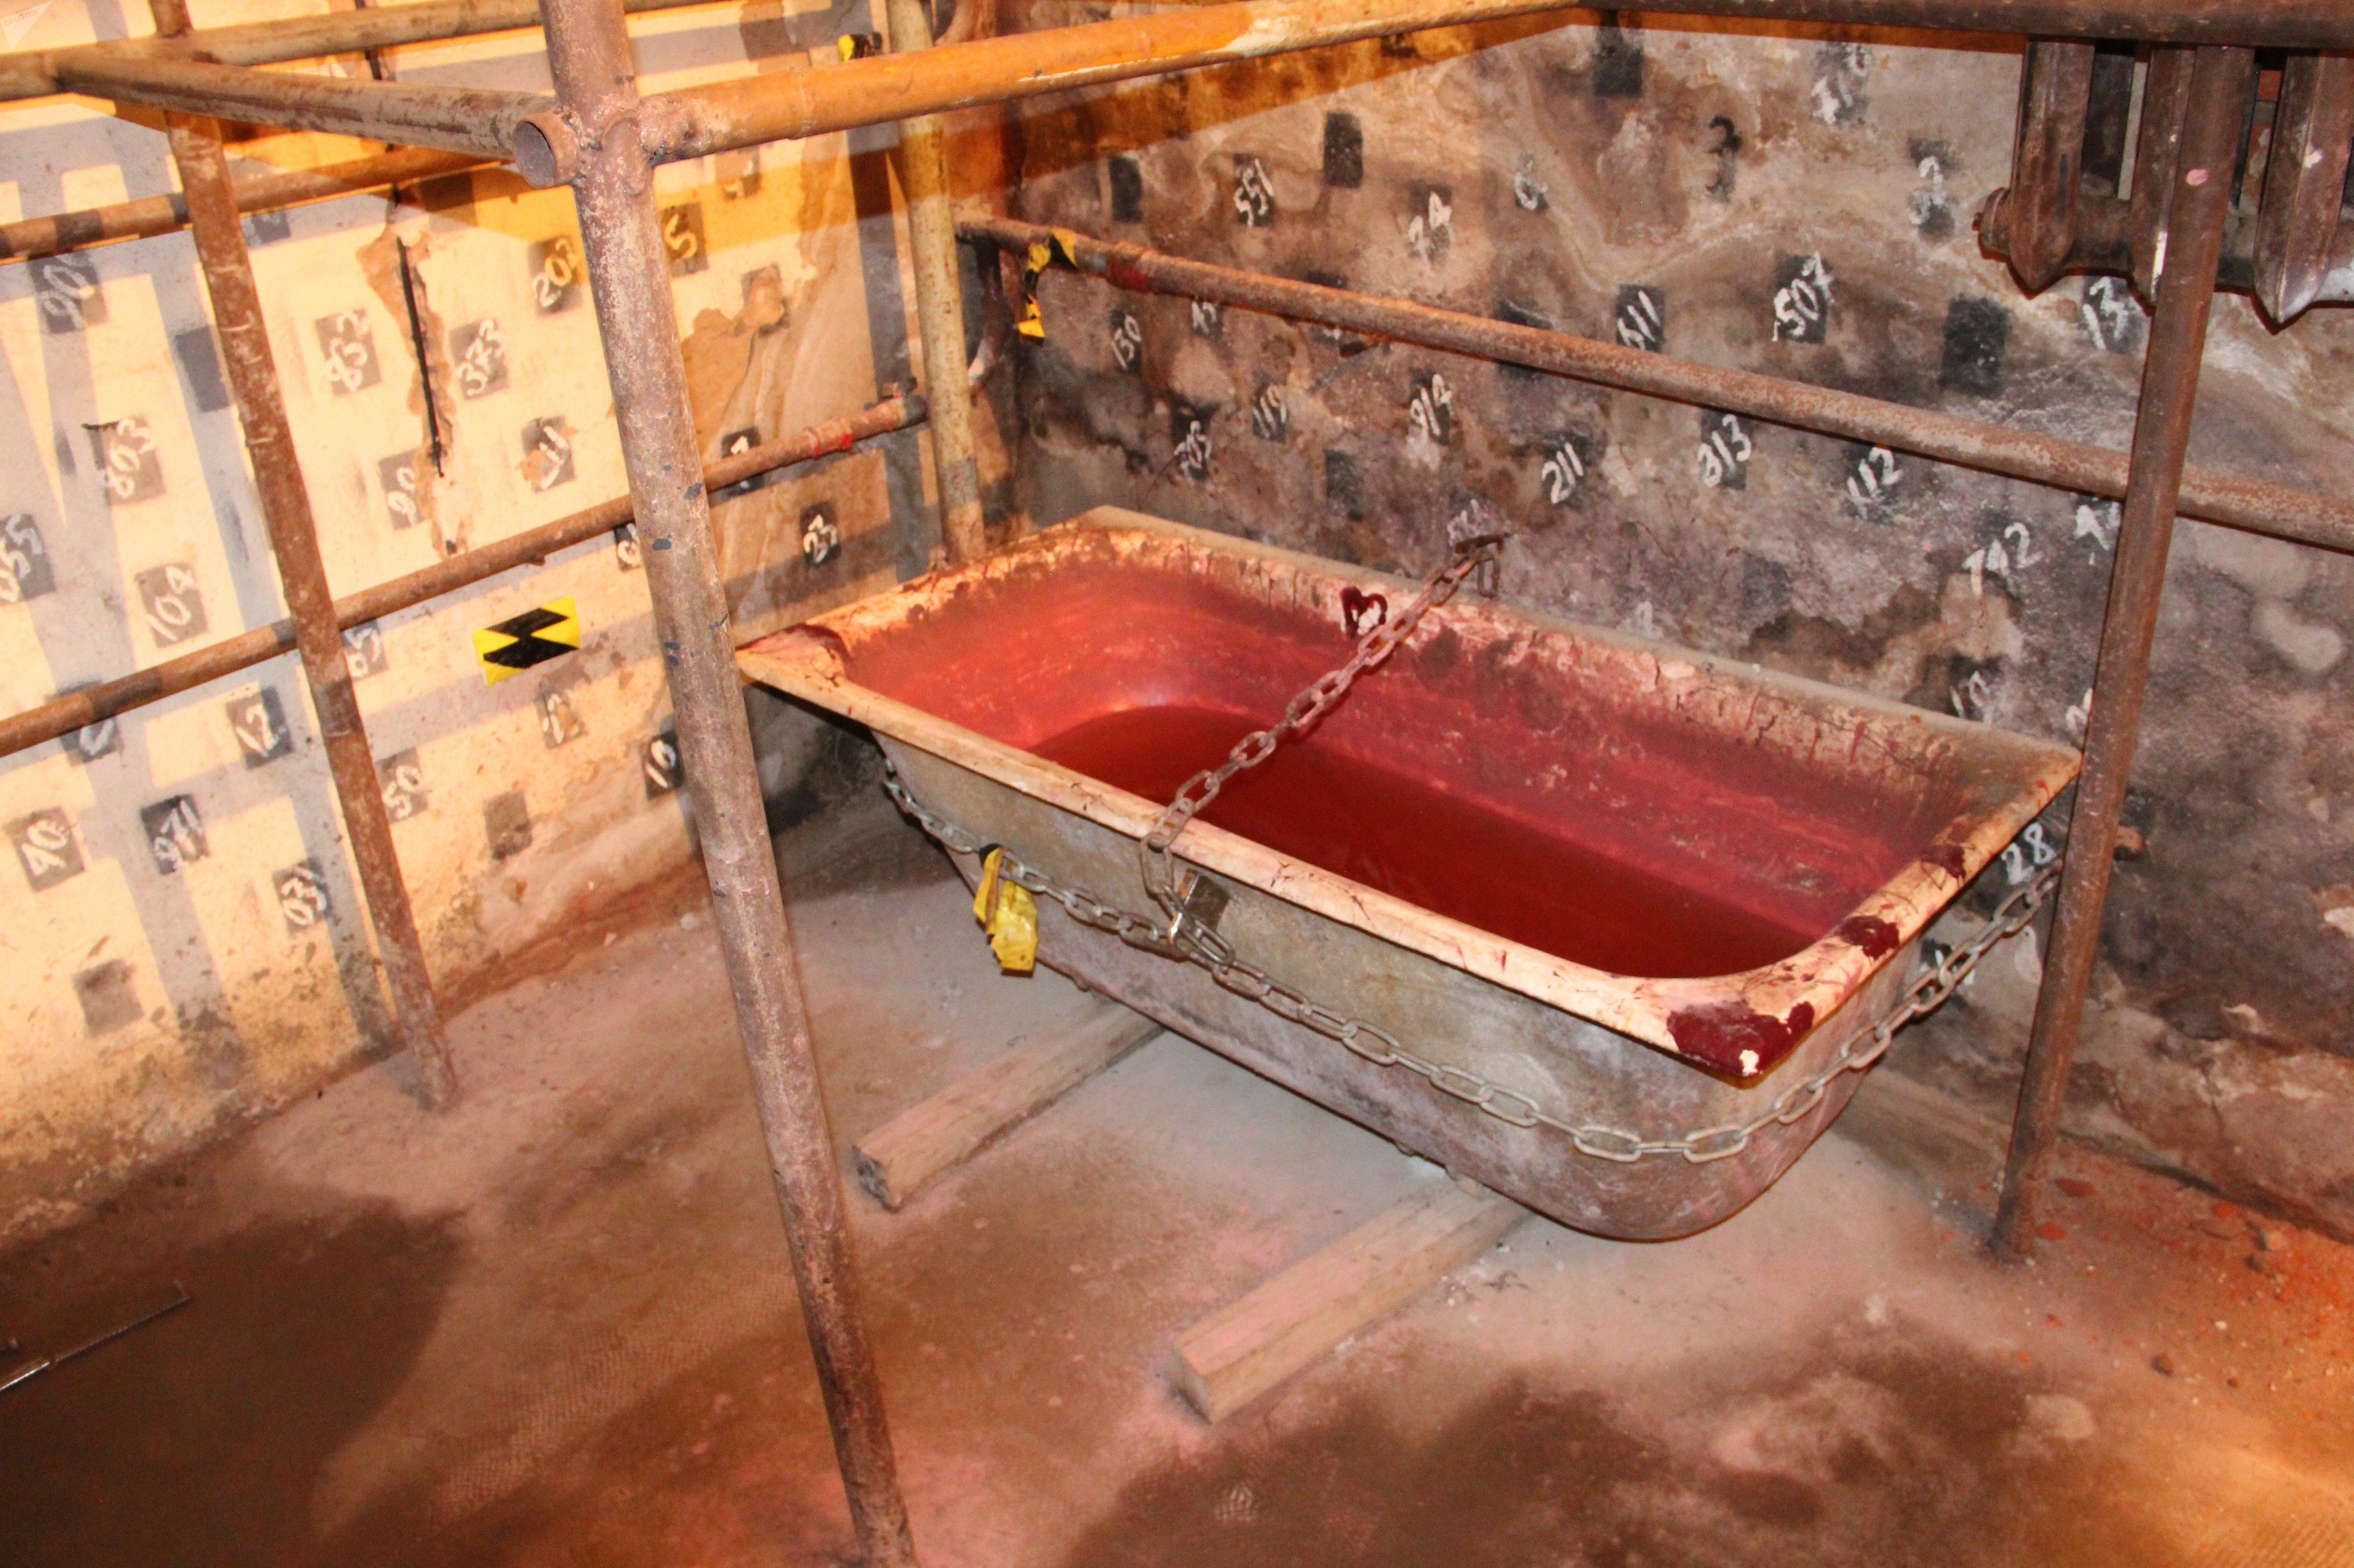 Остроты впечатлениям добавляет ванна с кровью